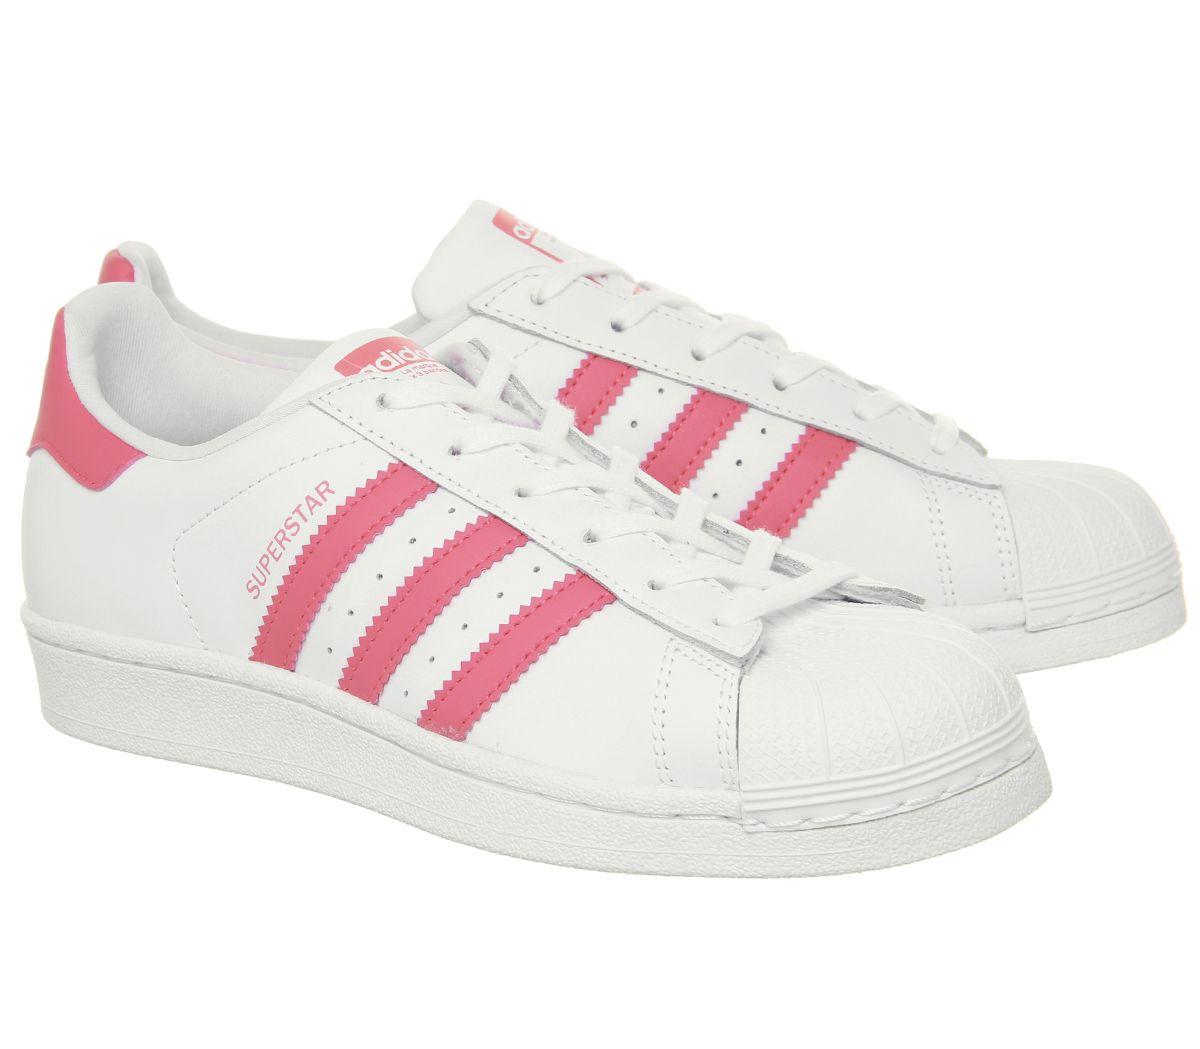 purchase cheap fbbf6 75466 Dettagli su Da Donna Adidas Superstar GS Scarpe da ginnastica White Scarpe  Da Ginnastica Rosa Chiaro- mostra il titolo originale